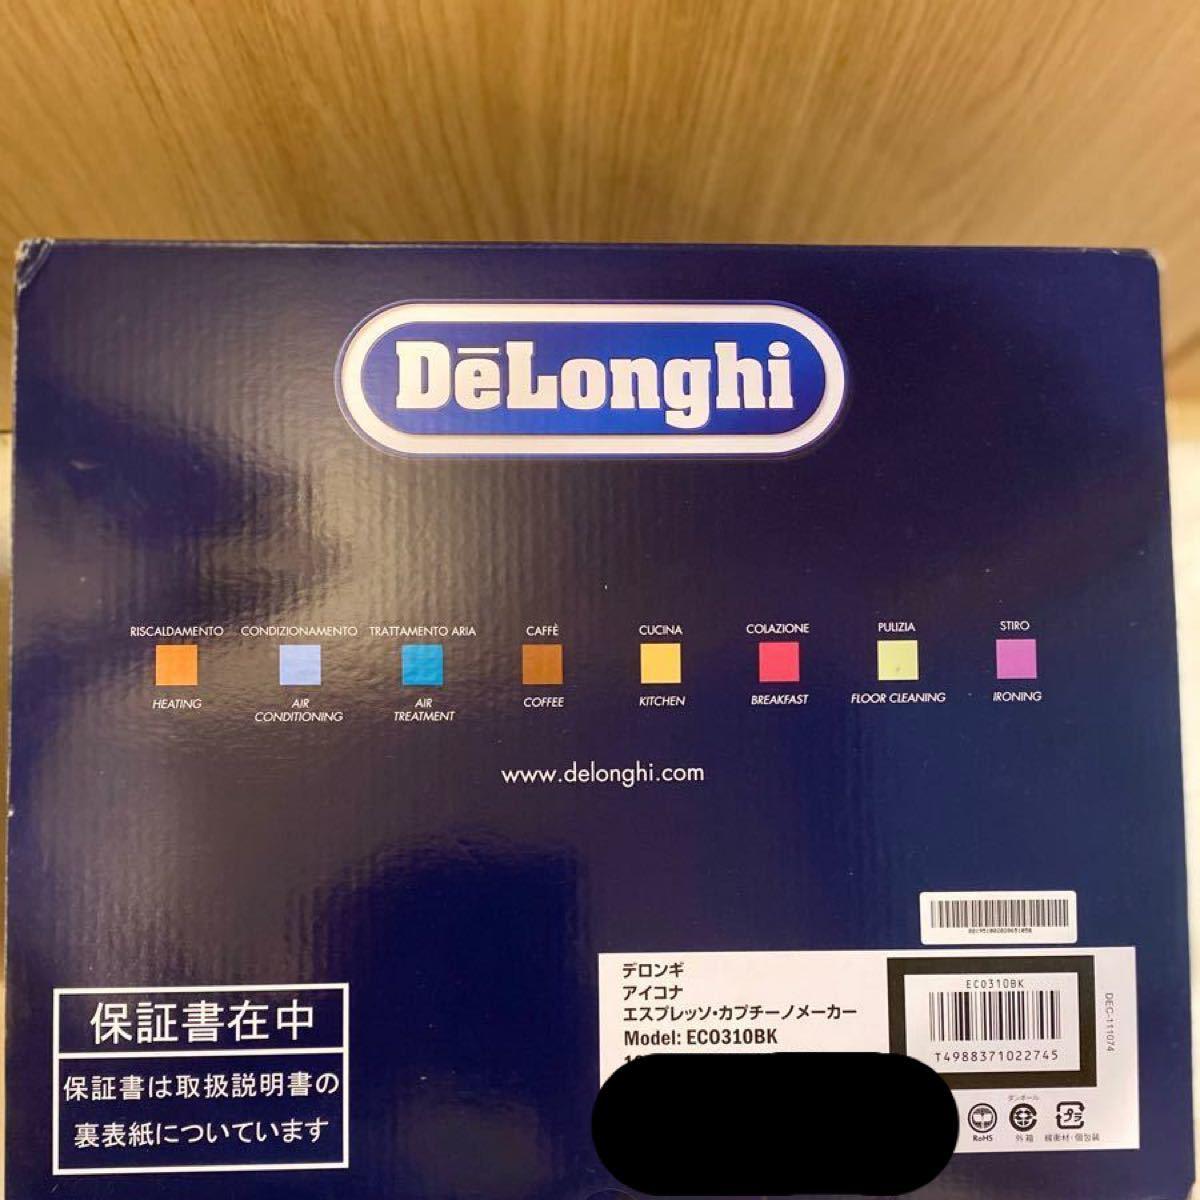 【未使用】デロンギ DeLonghi アイコナ エスプレッソカプチーノメーカー ECO310BK